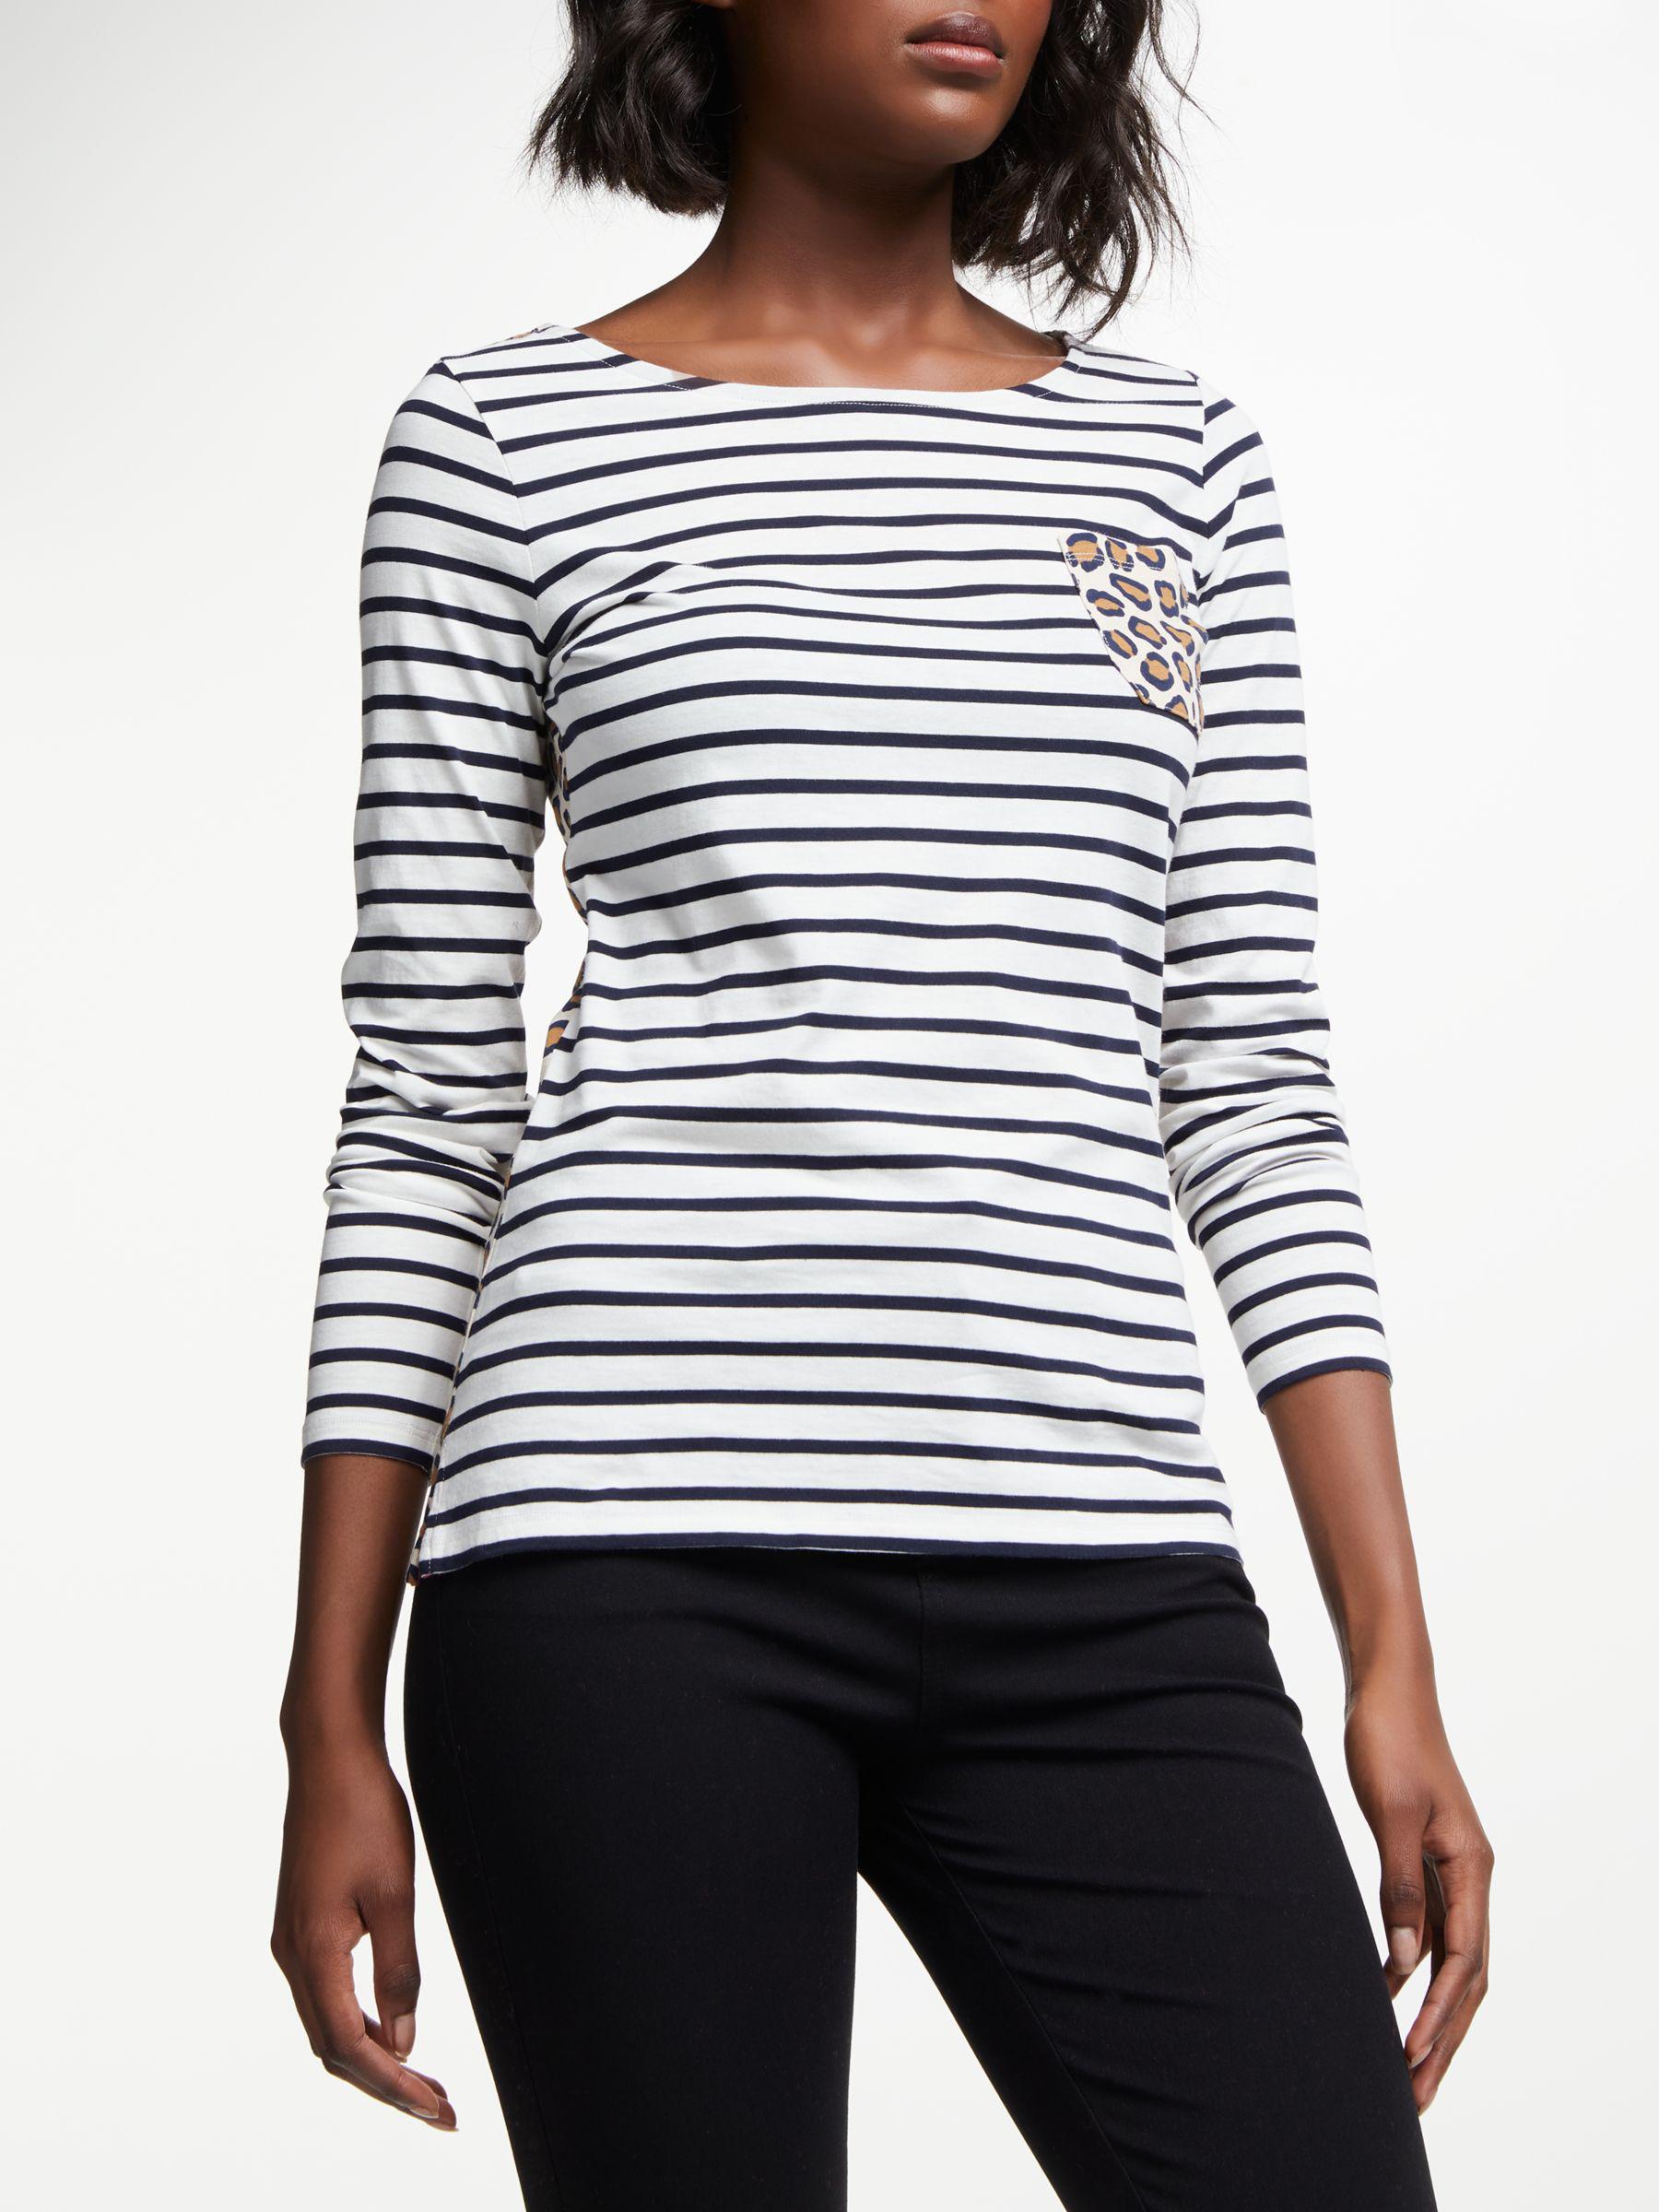 516d0cbf60 Boden Long Sleeve Breton Stripe Top - Lyst